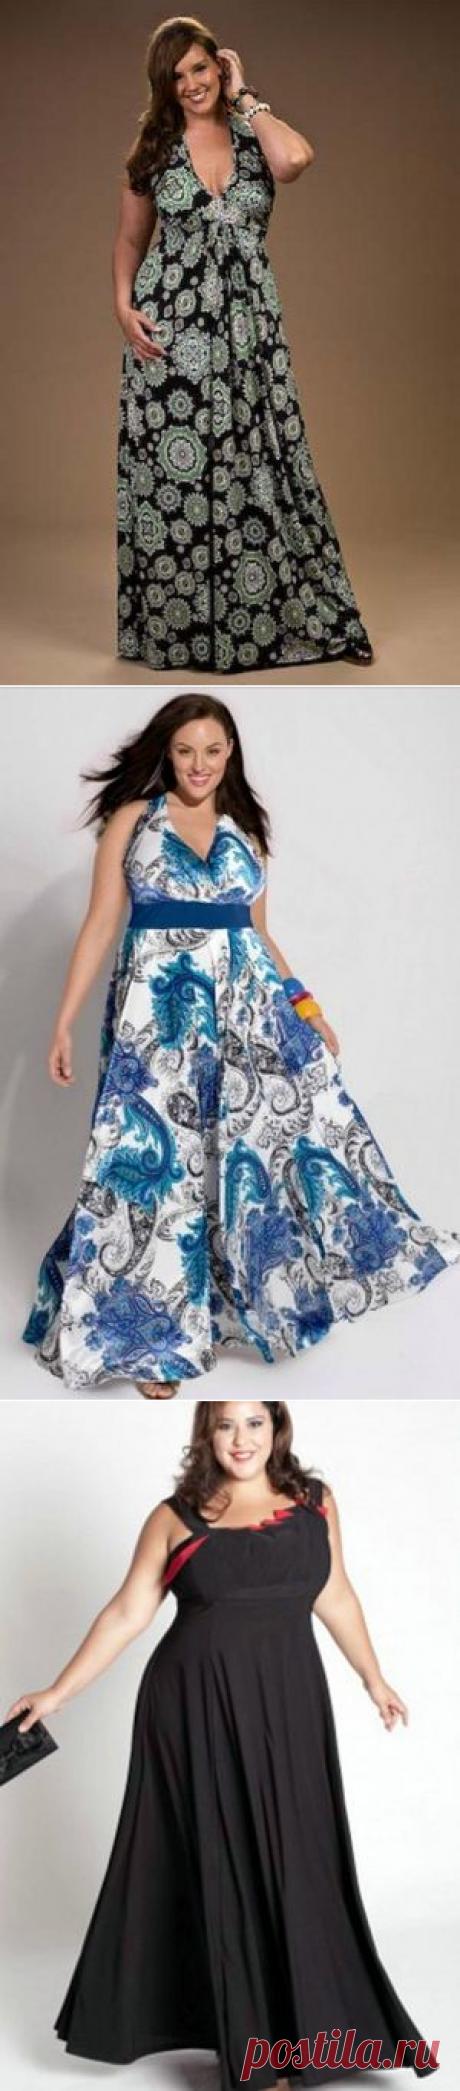 Округлость форм, свежесть и очарование полных женщин подчеркнут летние платья большого размера